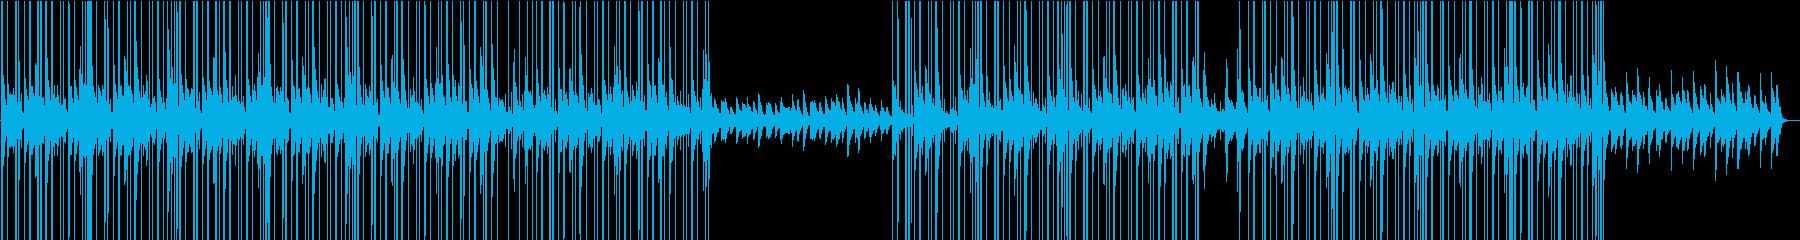 ローファイ・おしゃれなチルピアノBGMの再生済みの波形